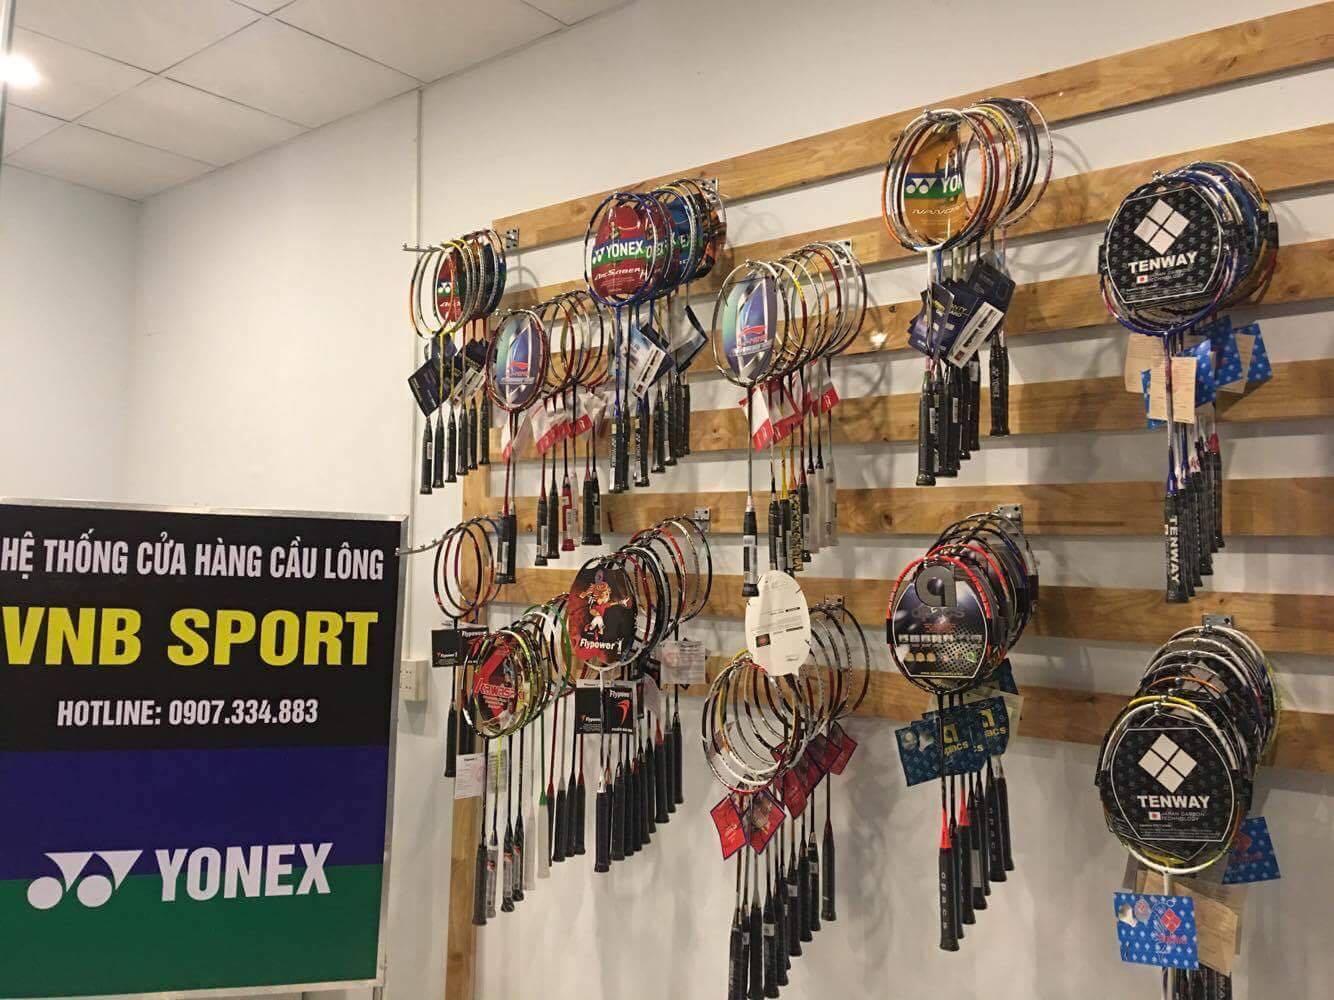 Địa điểm bán vợt cầu lông Yonex chính hãng tại TPHCM 20161026035742_29206